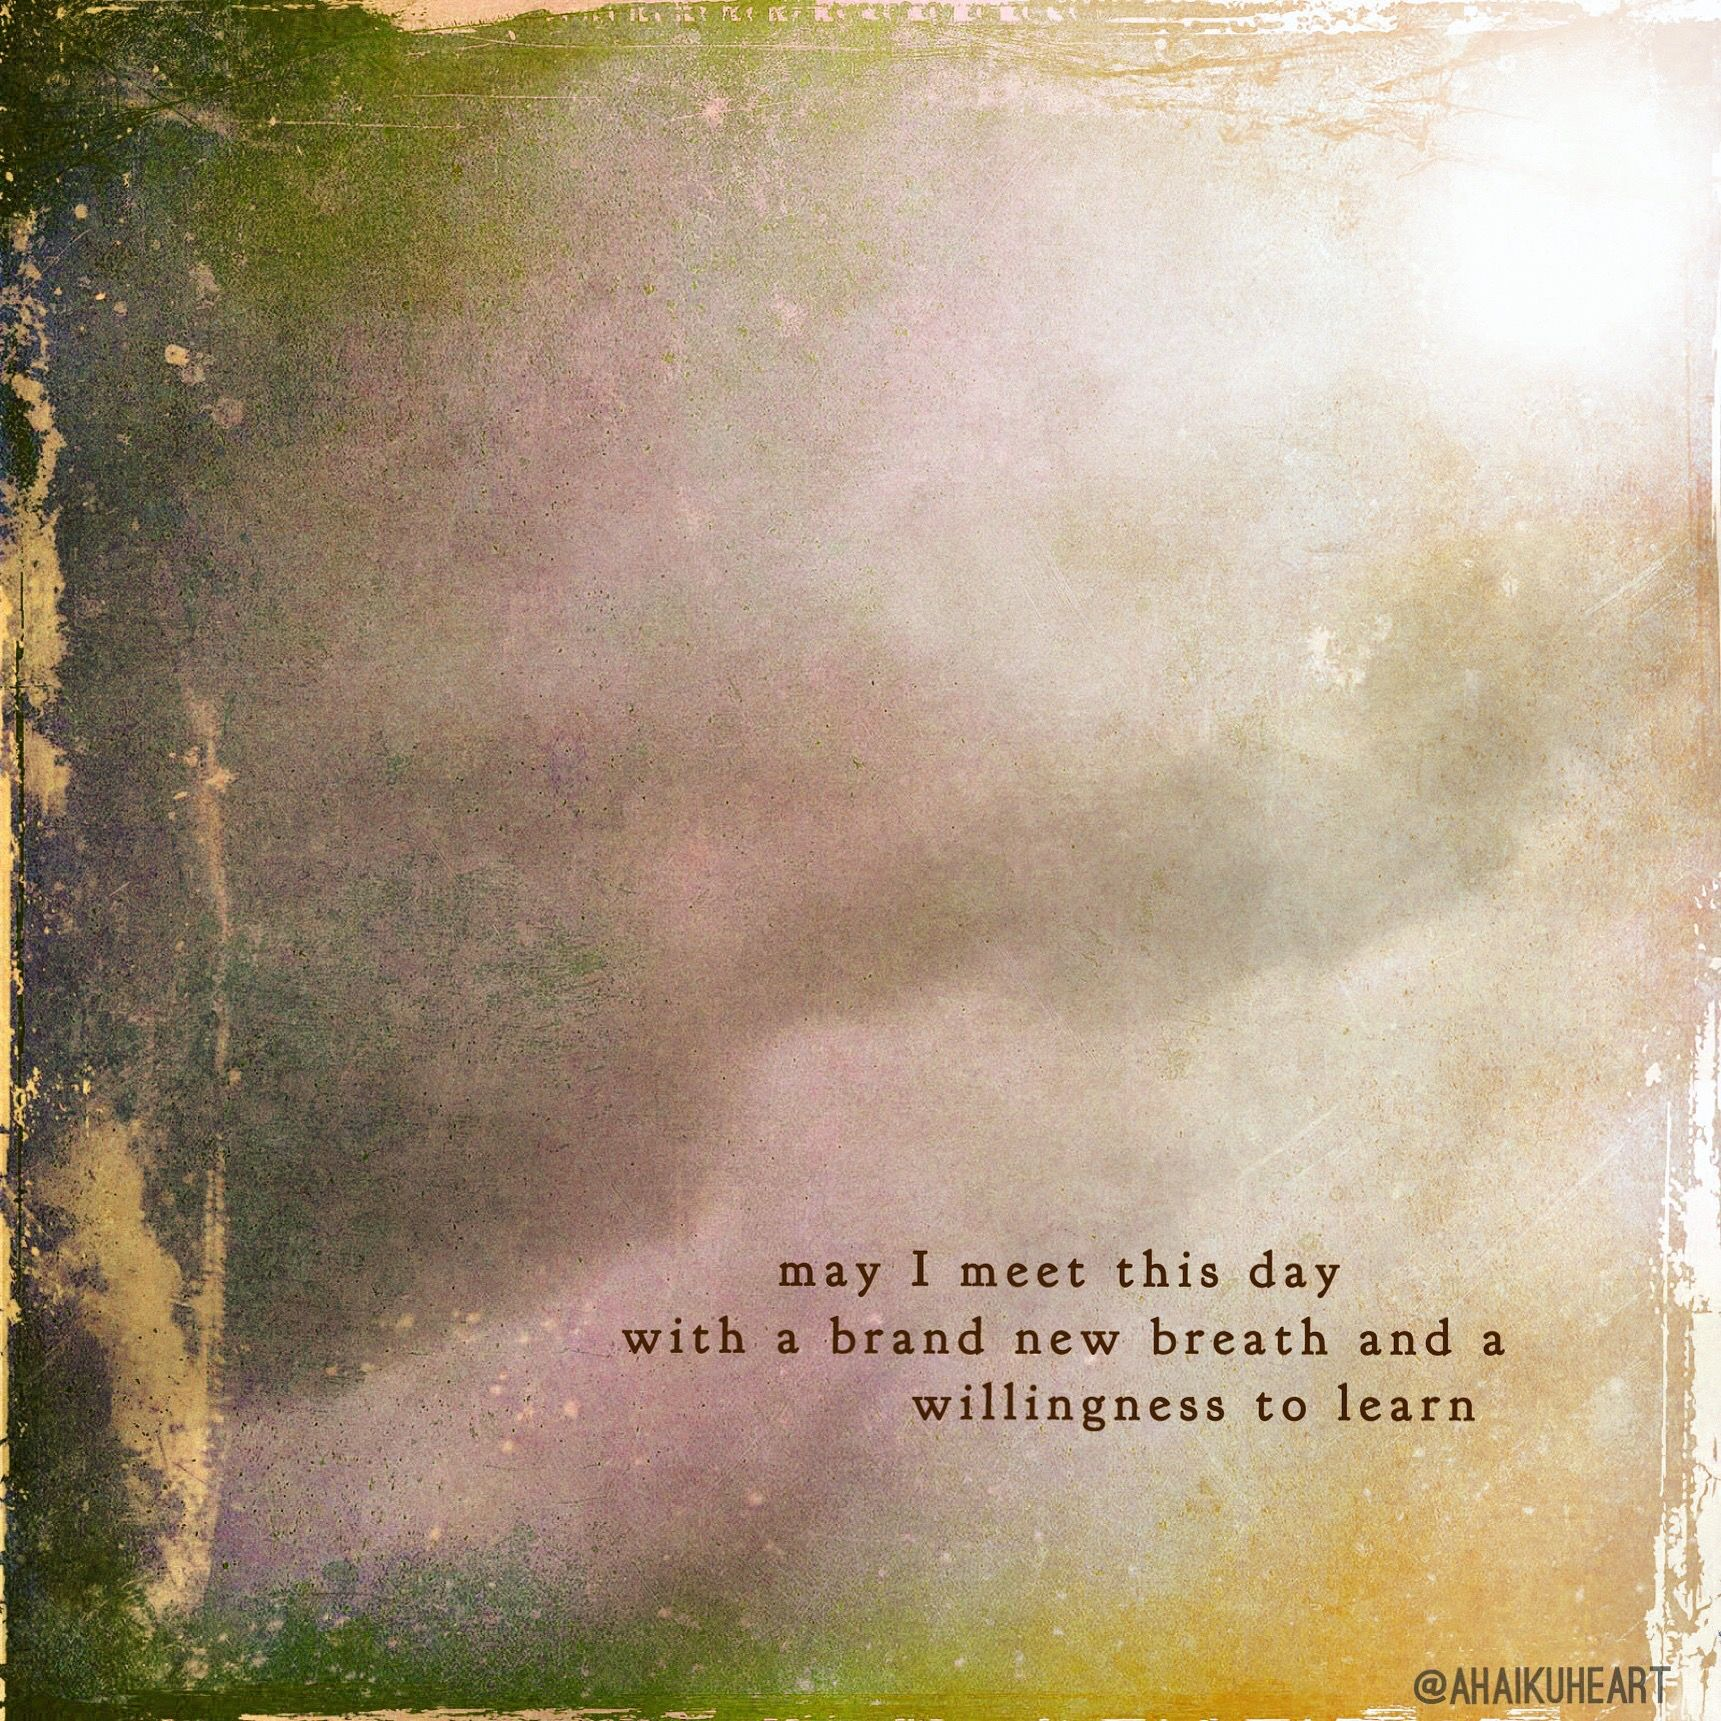 haiku poem by d.d. aspiras Haiku poems, Haiku poetry, Haiku